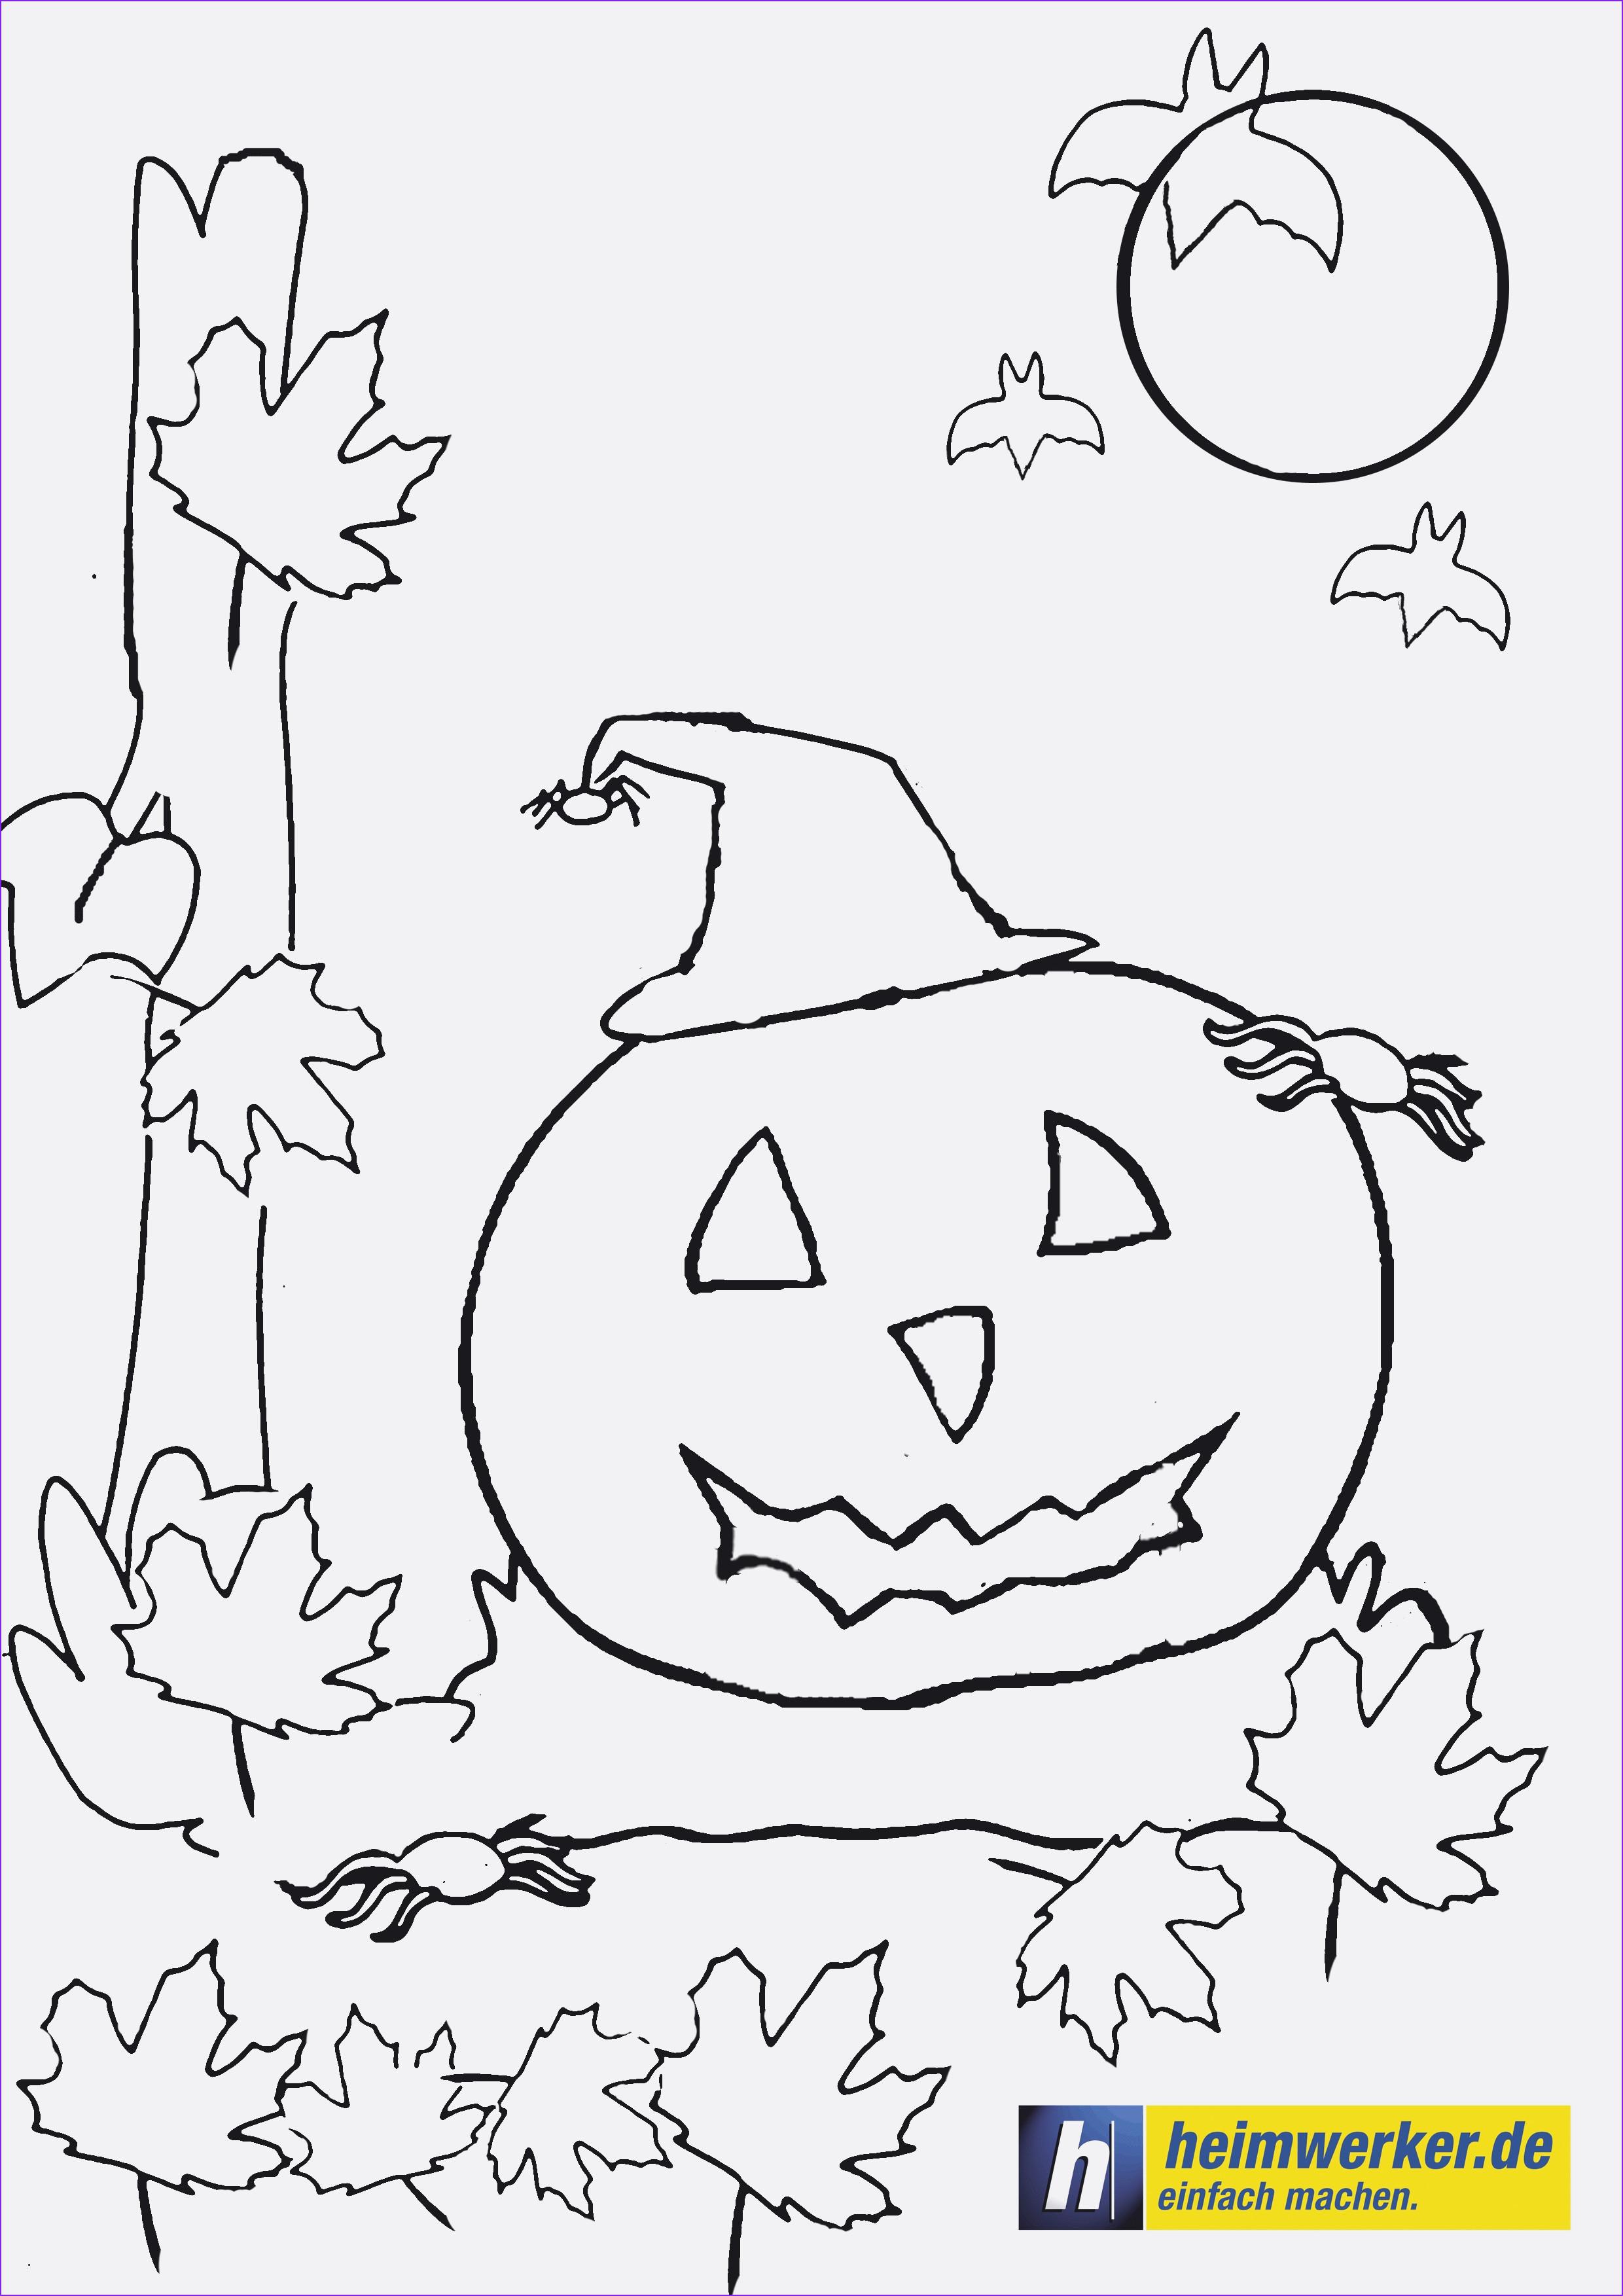 Halloween Ausmalbilder Spinne Genial Halloween Malvorlage Gratis Herunterladen Frisch Ausmalbilder Neu Stock